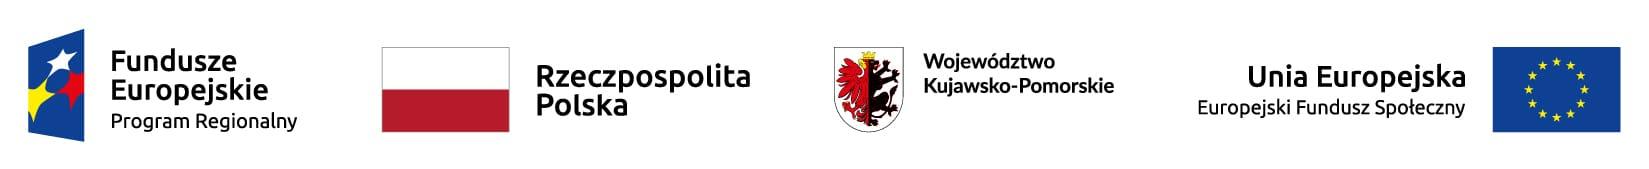 Finansowanie: Fundusze Europejskie Program Regionalny, Rzeczpospolita Polska, Województwo Kujawsko-Pomorskie , Unia Europejska Europejski Fundusz Społeczny